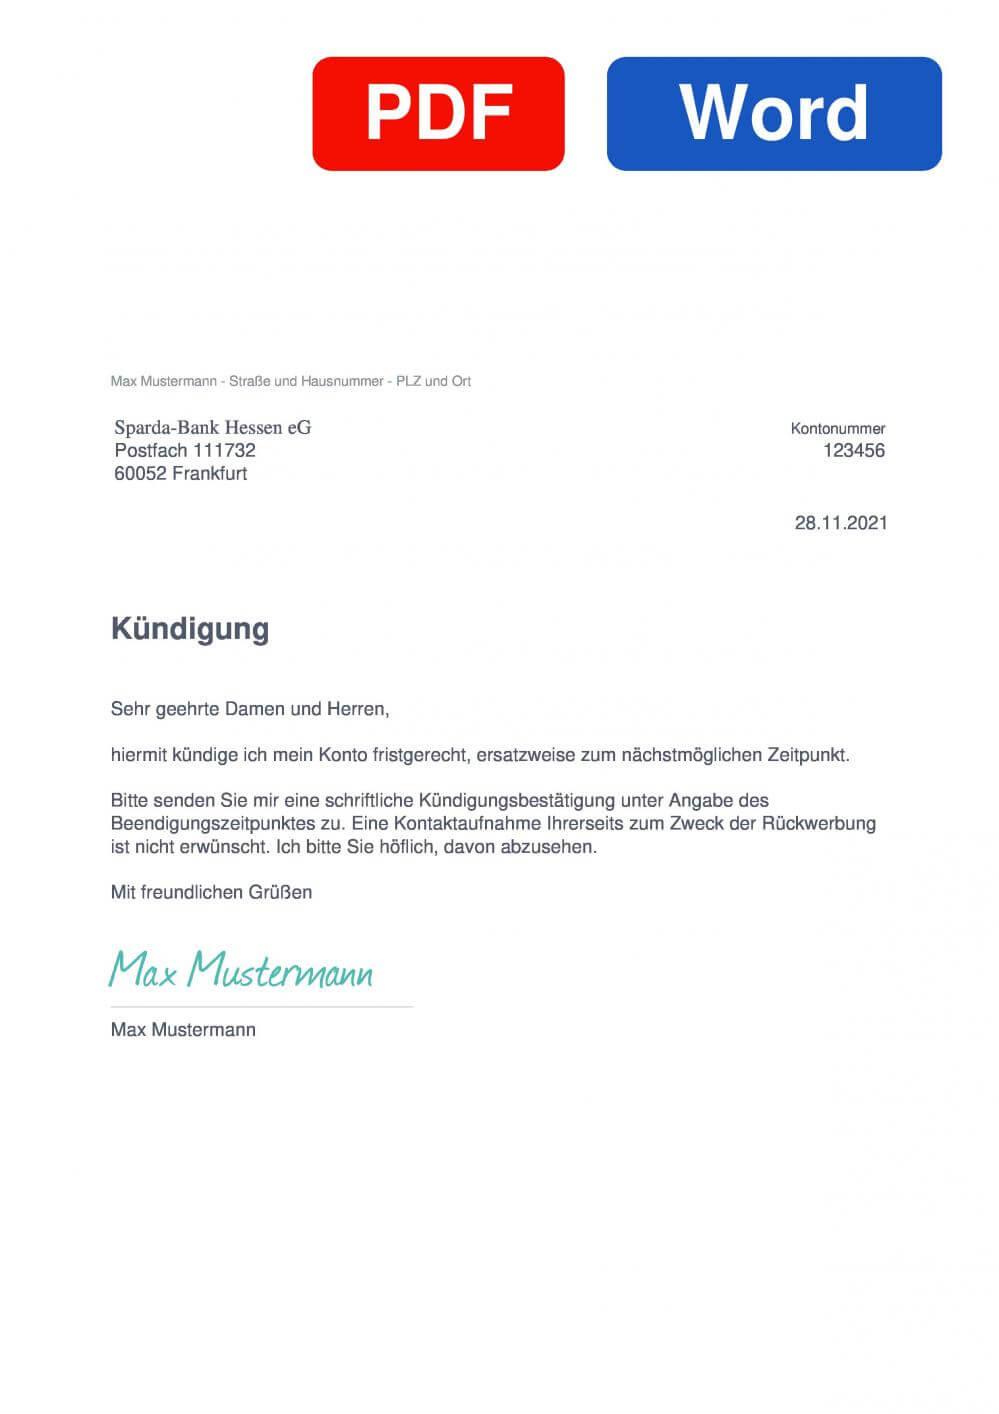 Sparda-Bank Hessen Muster Vorlage für Kündigungsschreiben